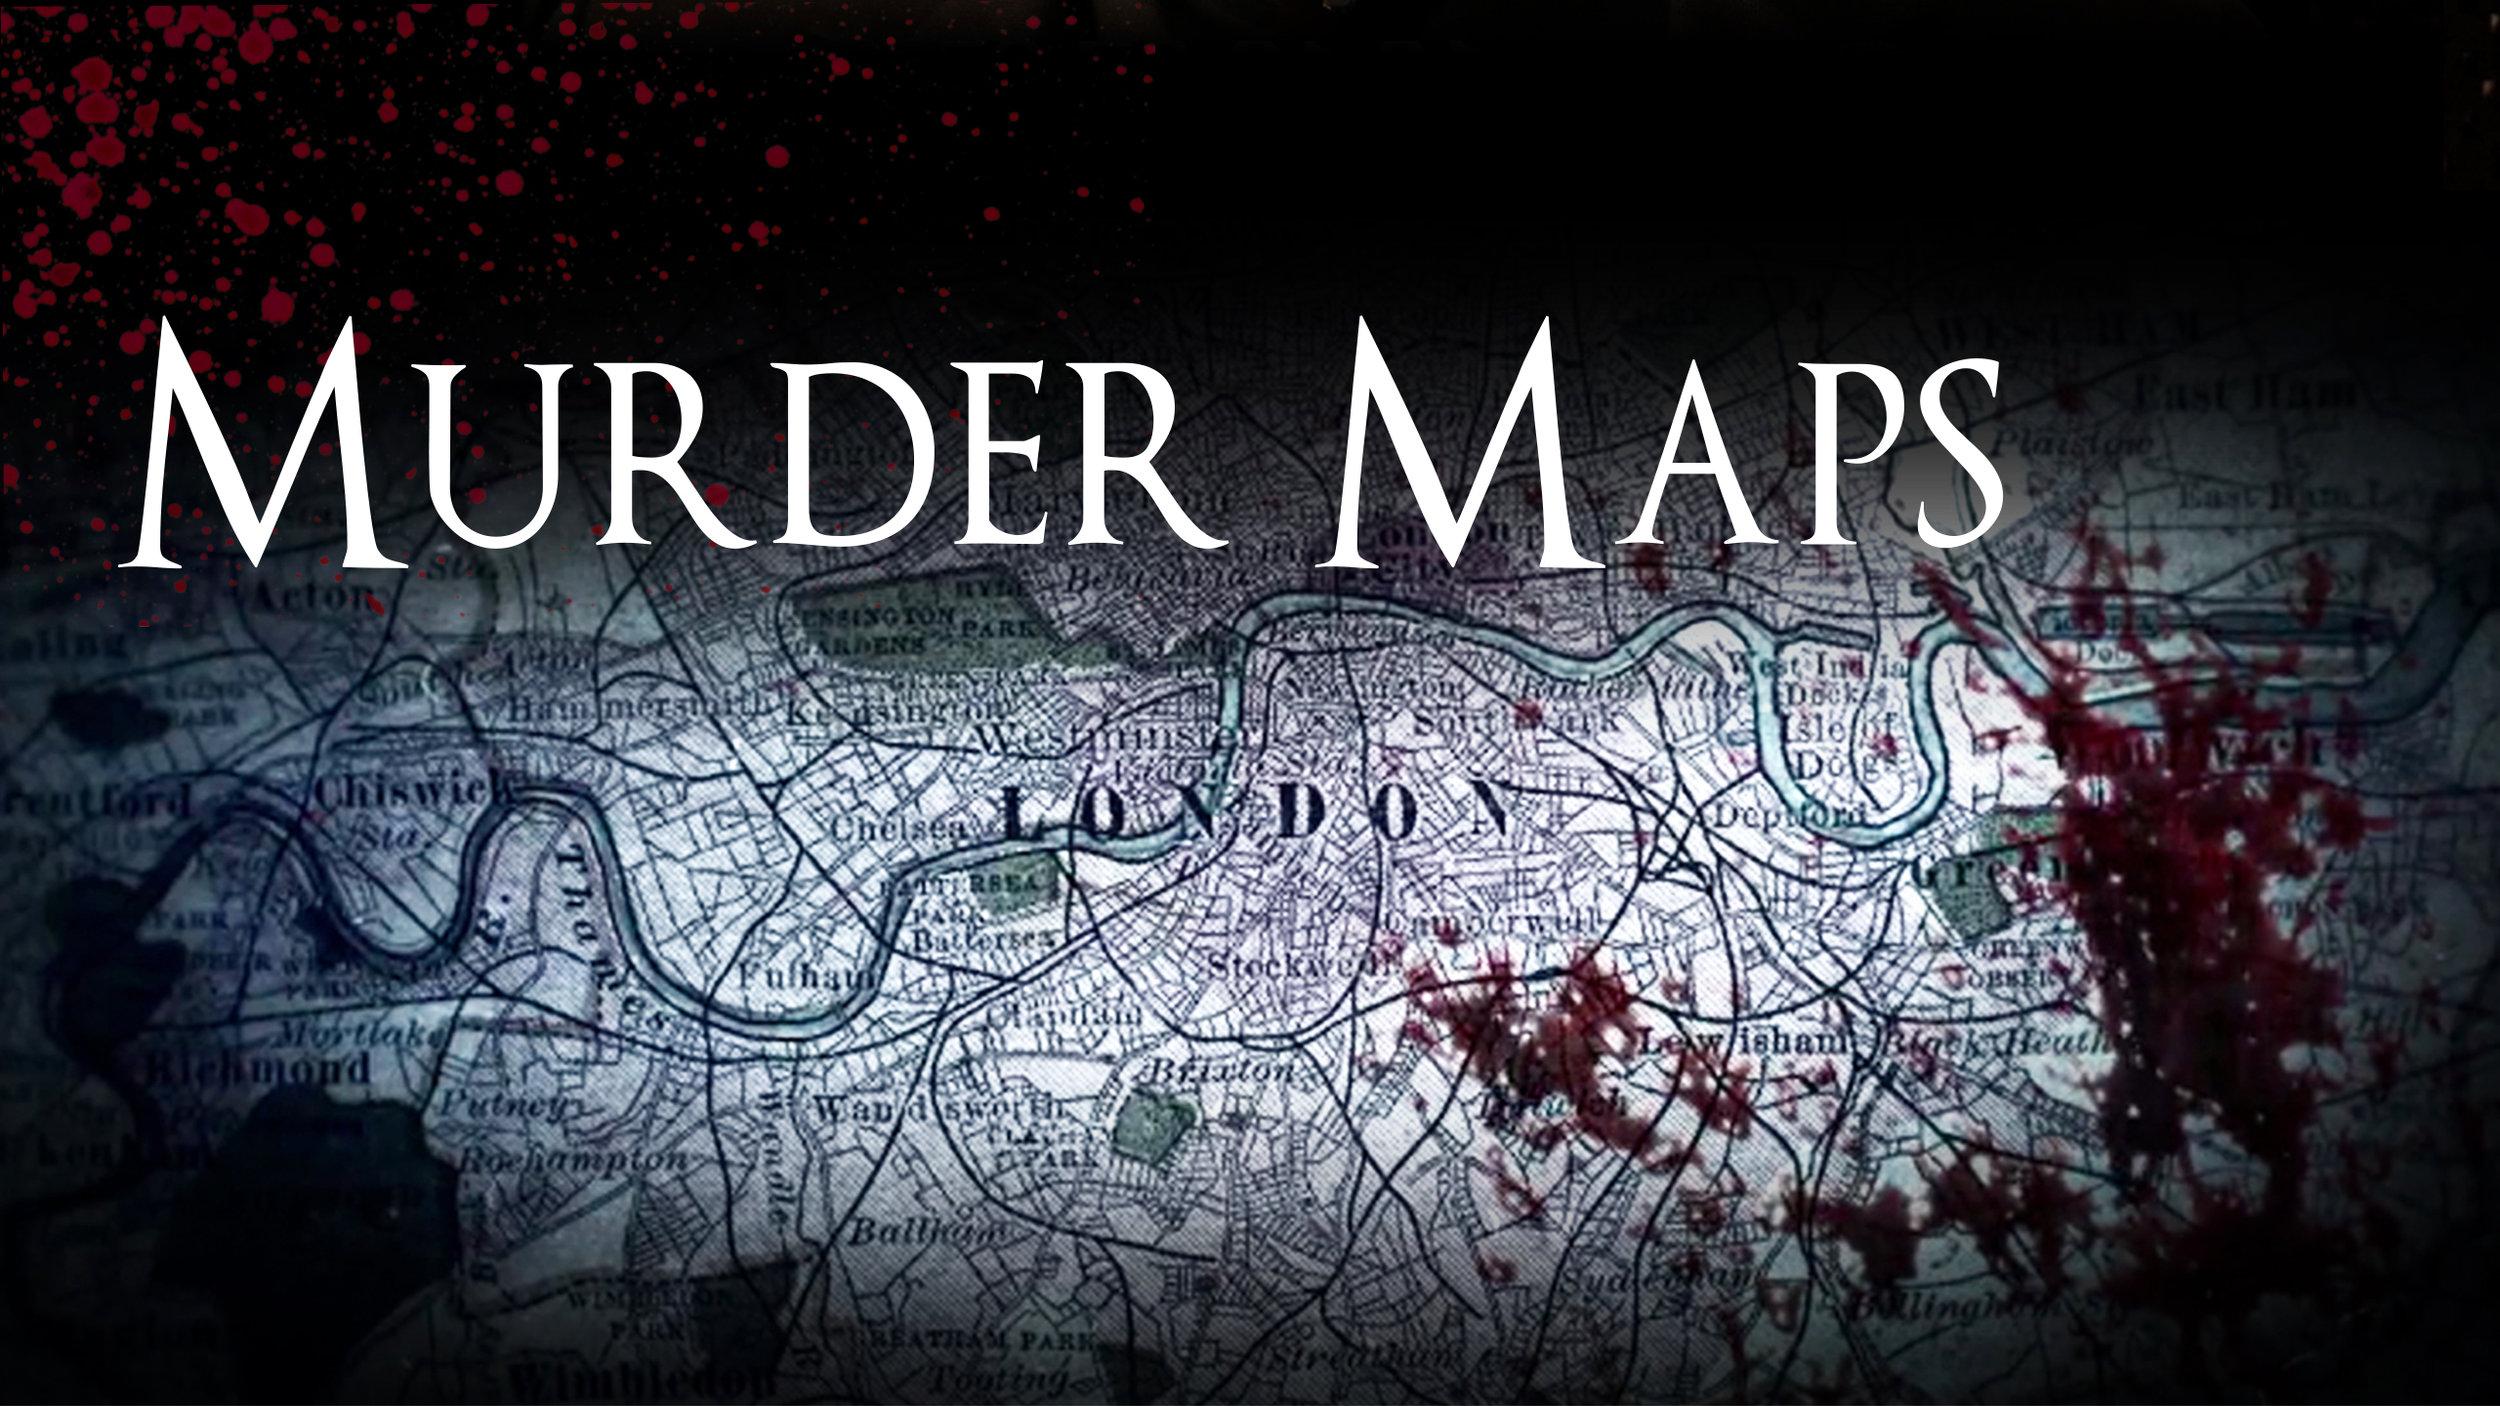 [NETFLIX_MURDER_MAPS]_[EN_USA_CANADA_]_2560x1440.jpg